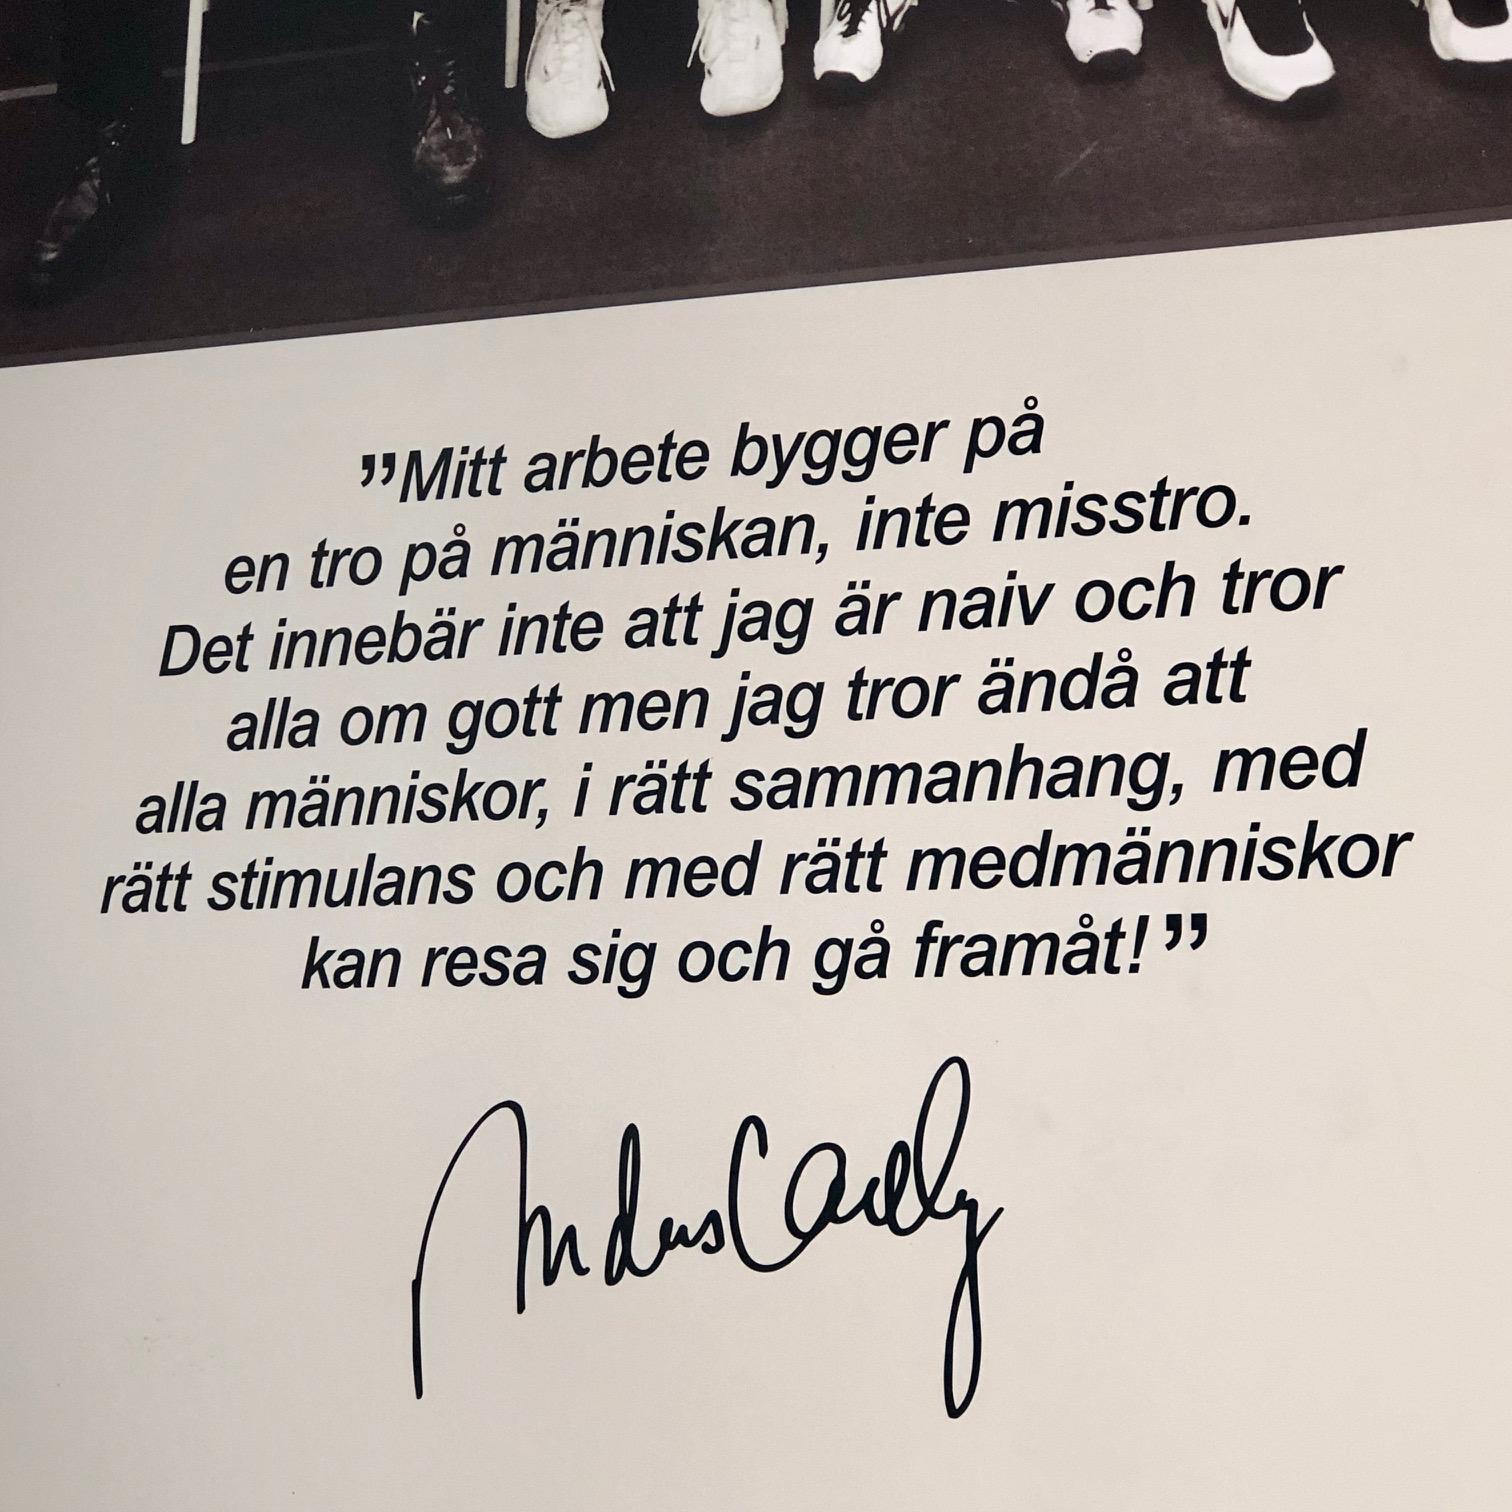 Anders Carlberg grunnla Fryshuset, og hans legat er tydelig å se flere steder.